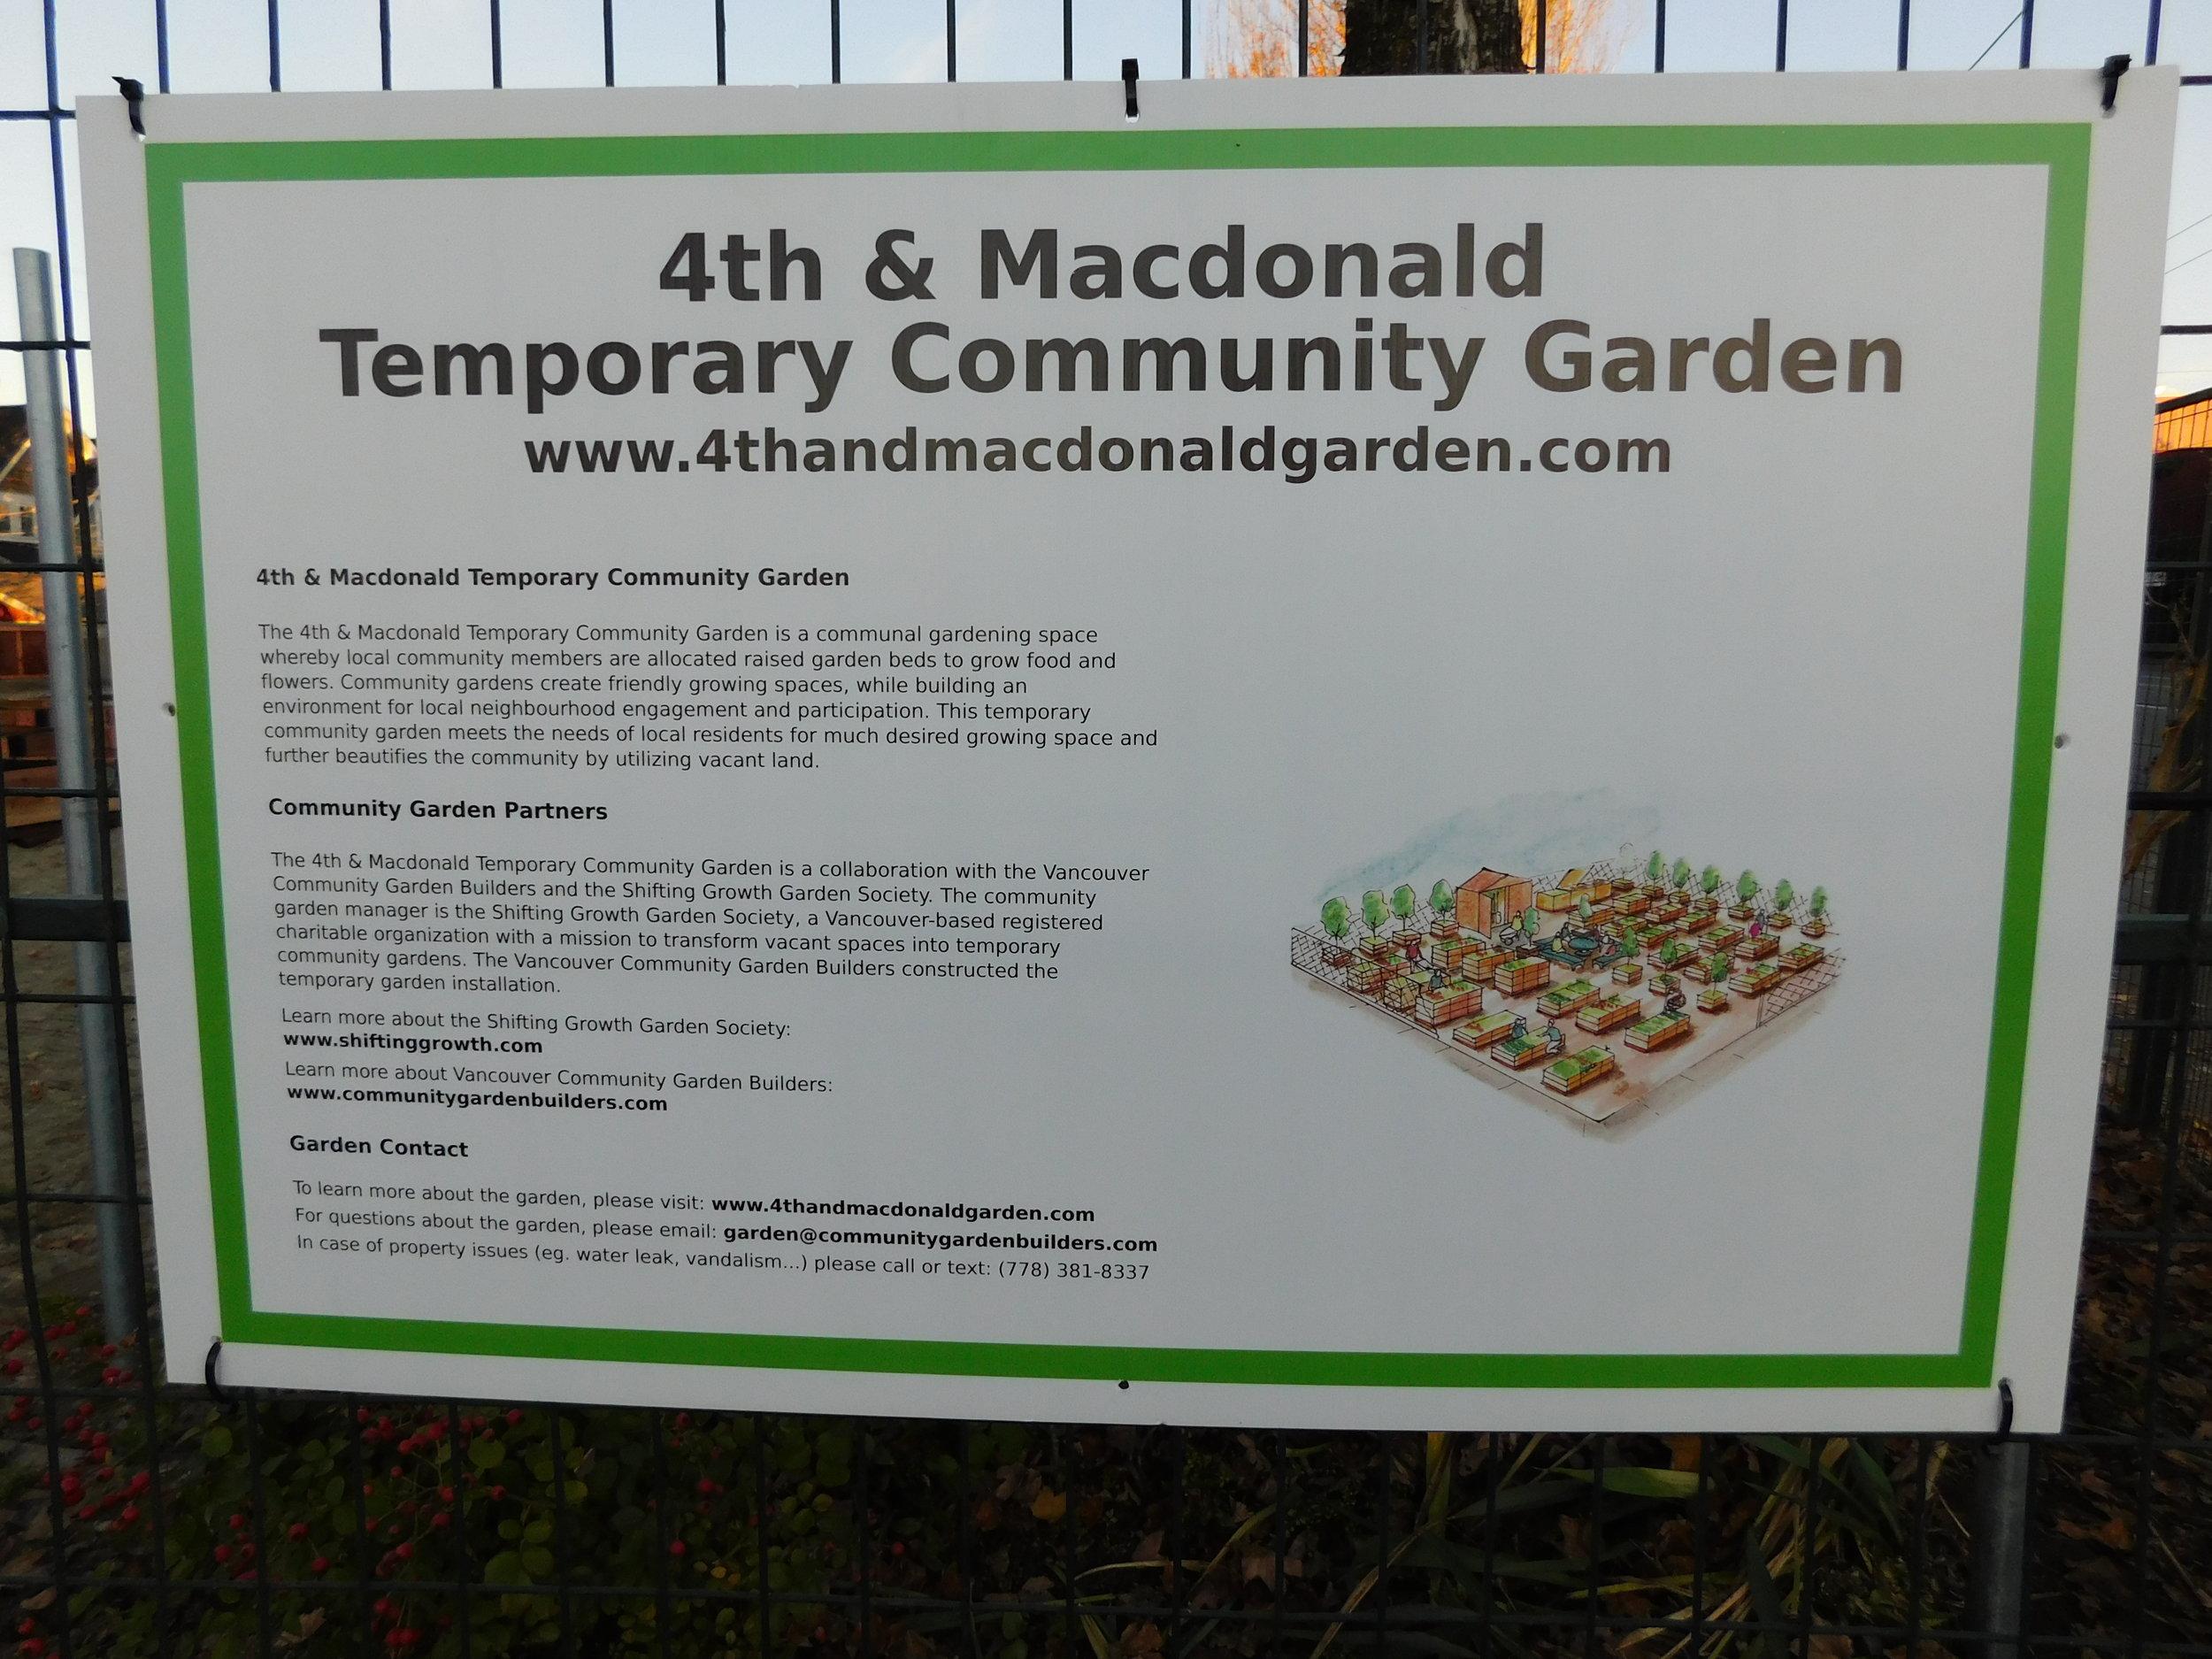 4th_Macdonald_Vancouver_Community_Garden_Builders-0017.JPG